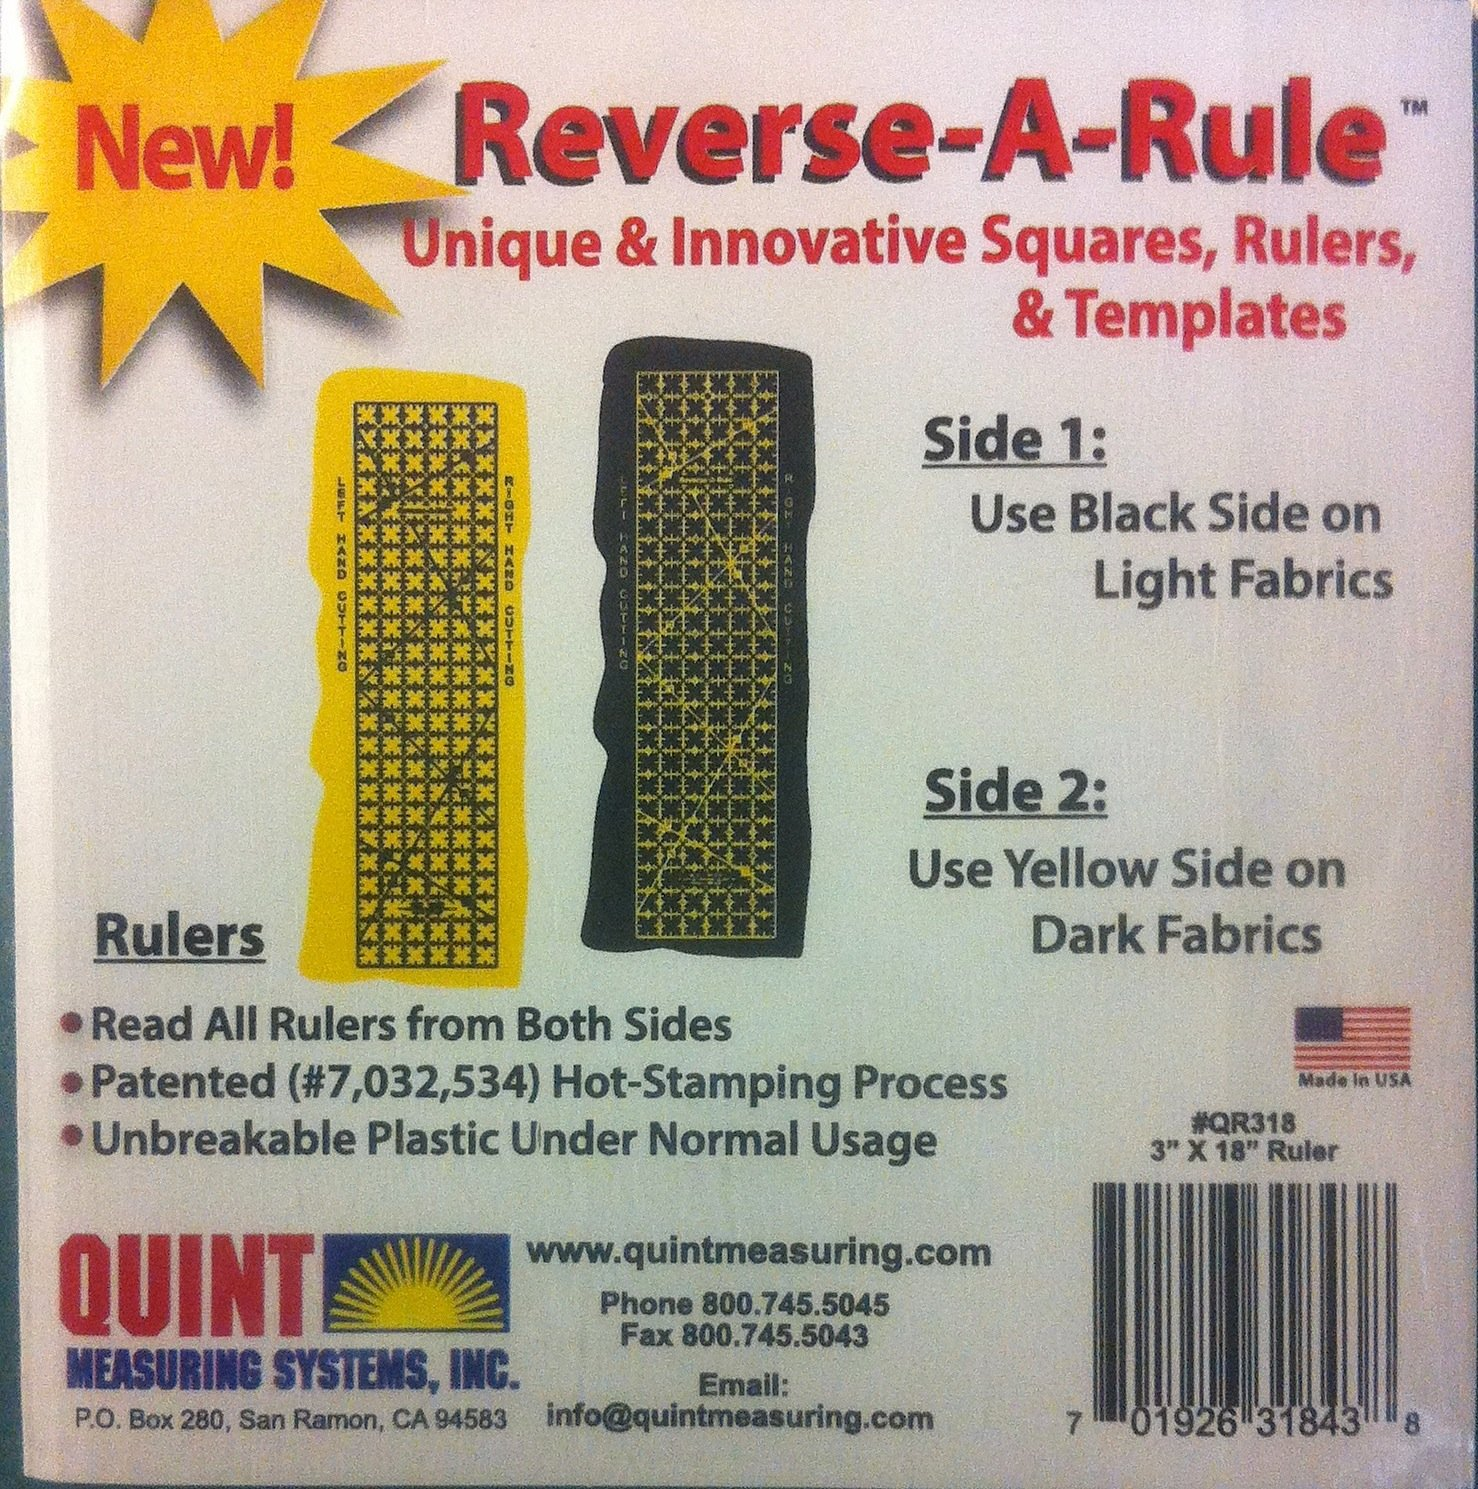 Reverse-A-Rule